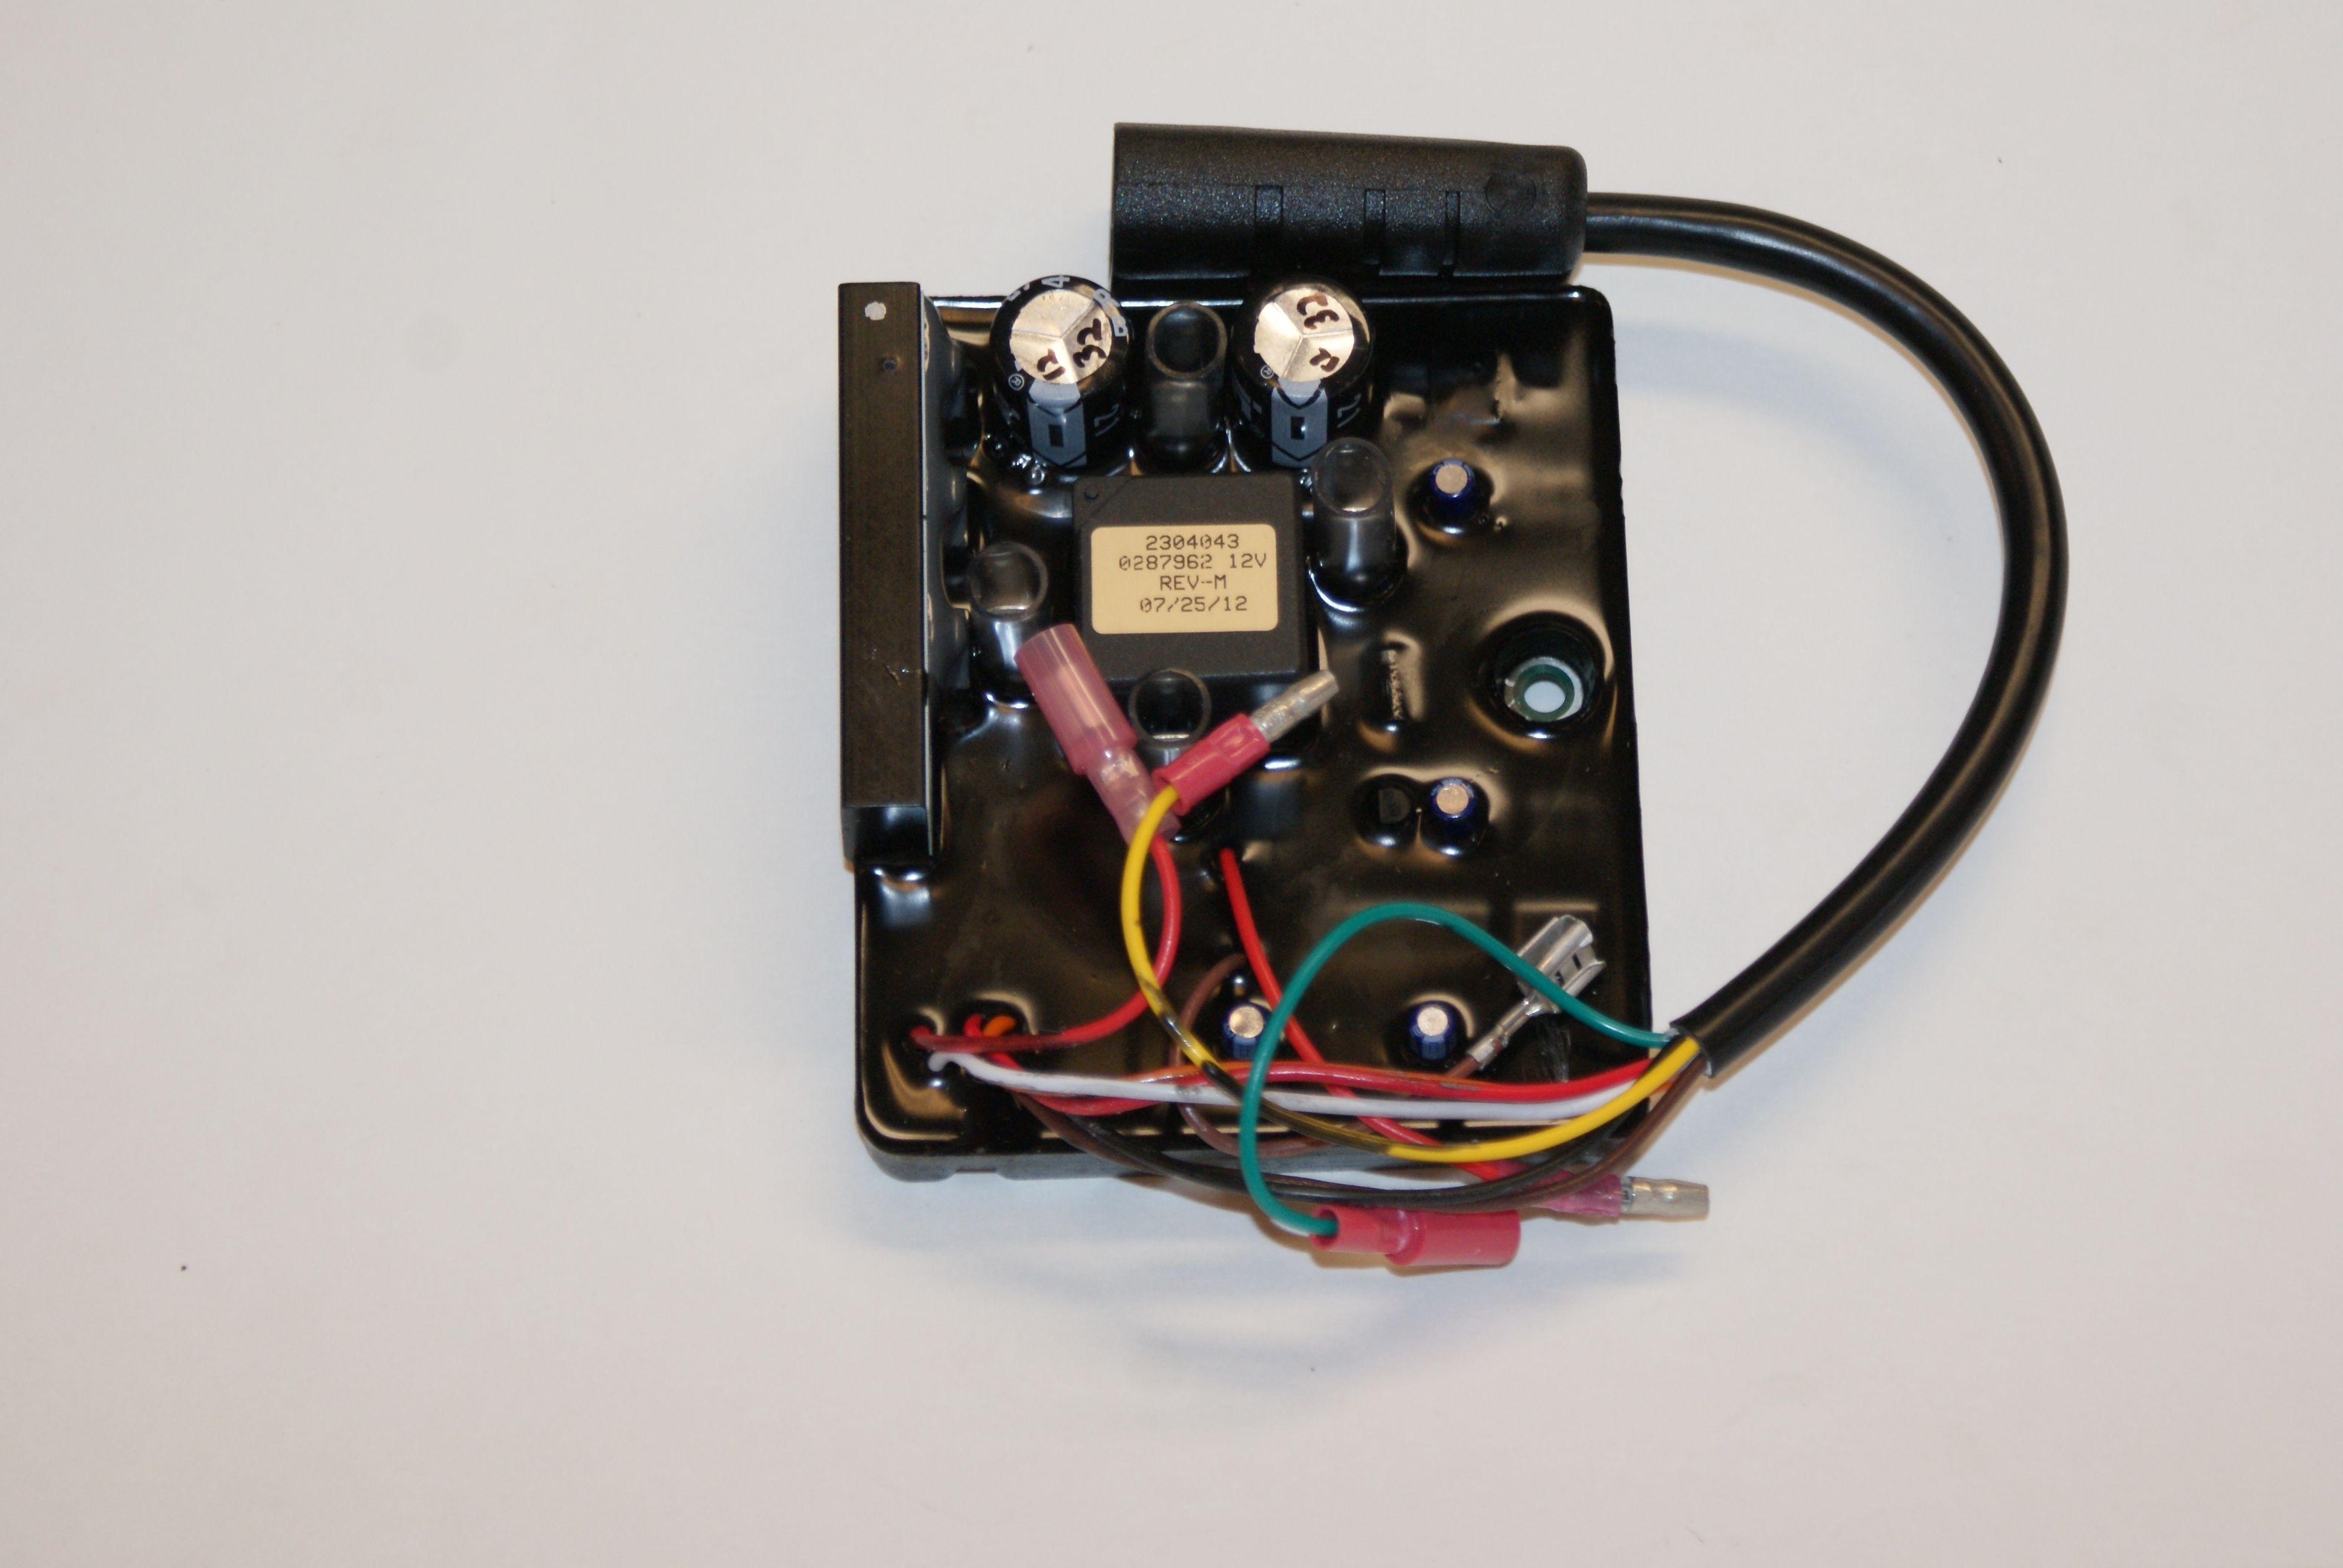 control board for legacy minn kota power drive bow mounts [ 3872 x 2592 Pixel ]